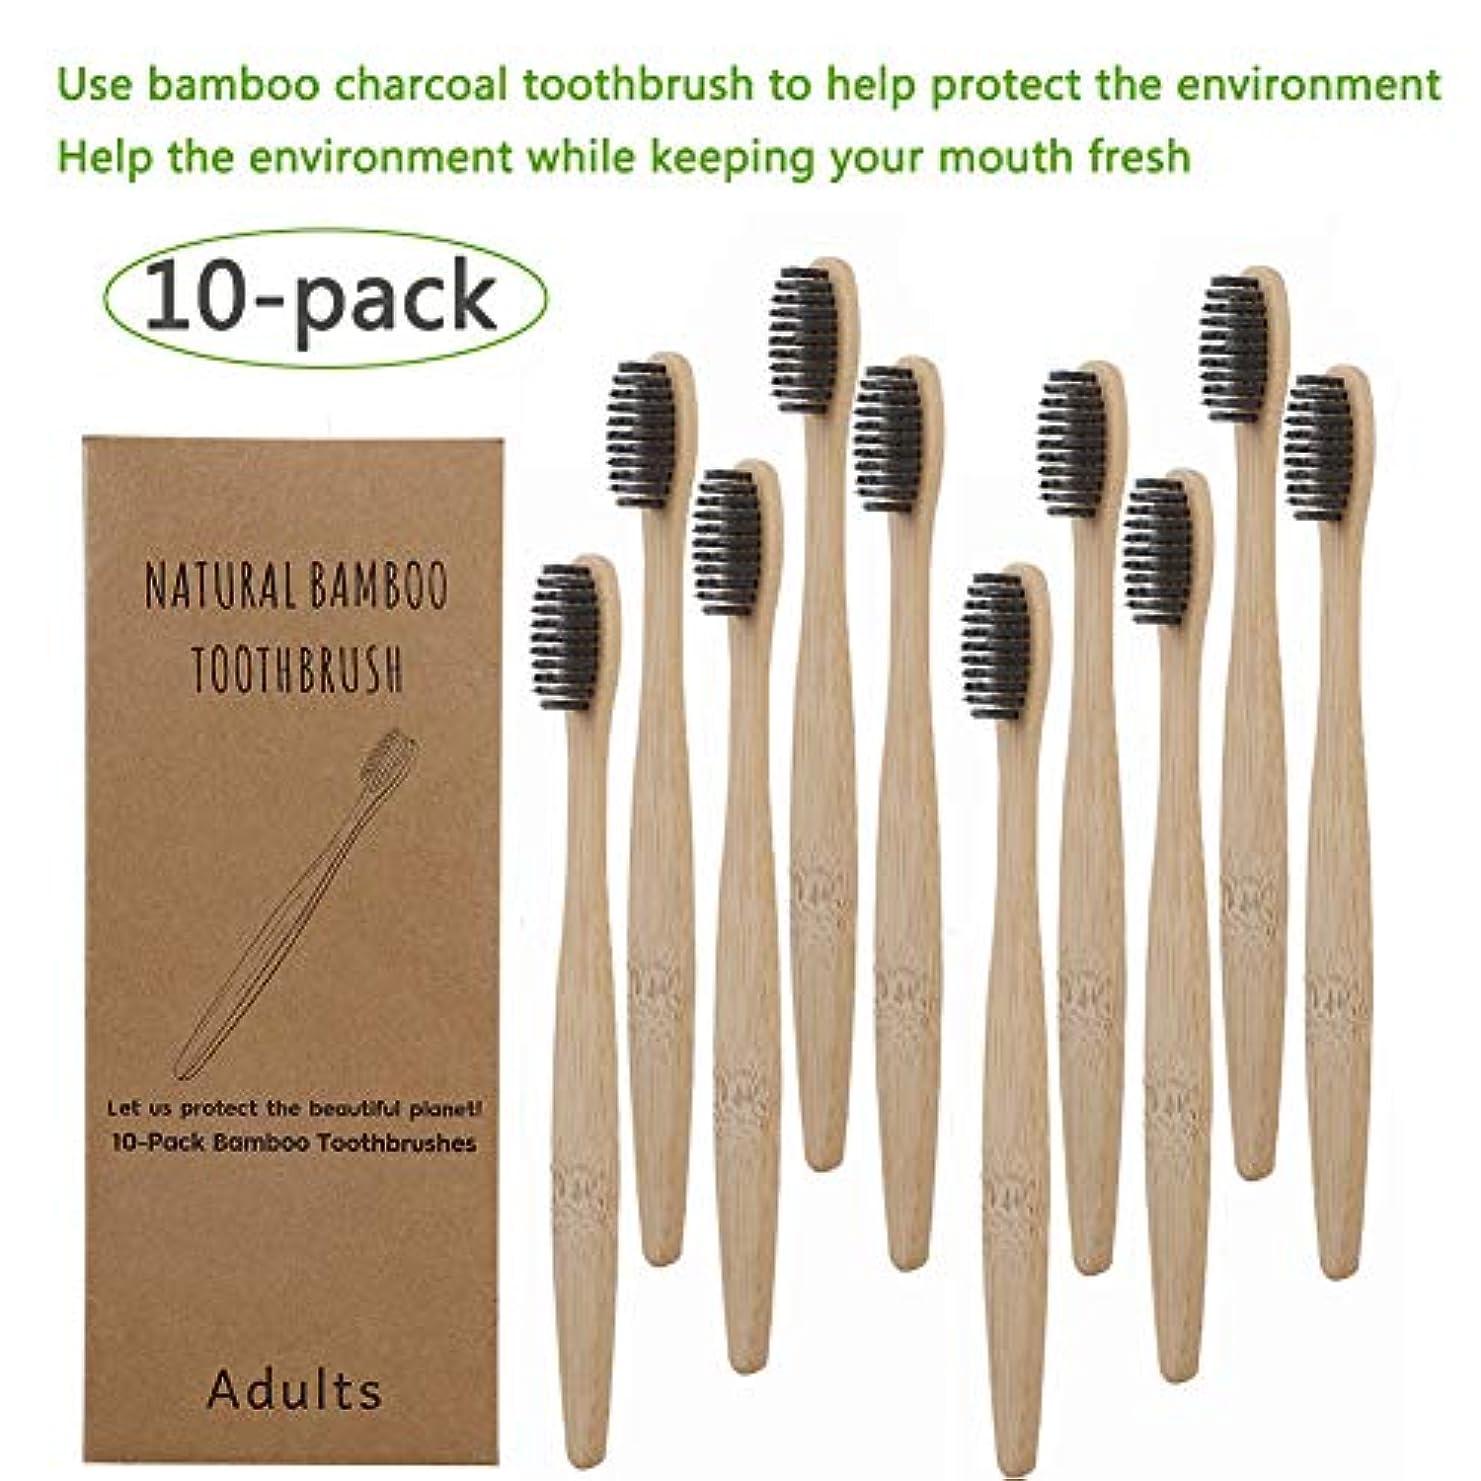 寄生虫小康ミスペンドDoo 10pcs 大人用竹の歯ブラシ 天然竹歯ブラシ 環境保護 柔らかい 歯ブラシ 口腔ケア 竹歯ブラシ 携帯用 旅行用 出張用